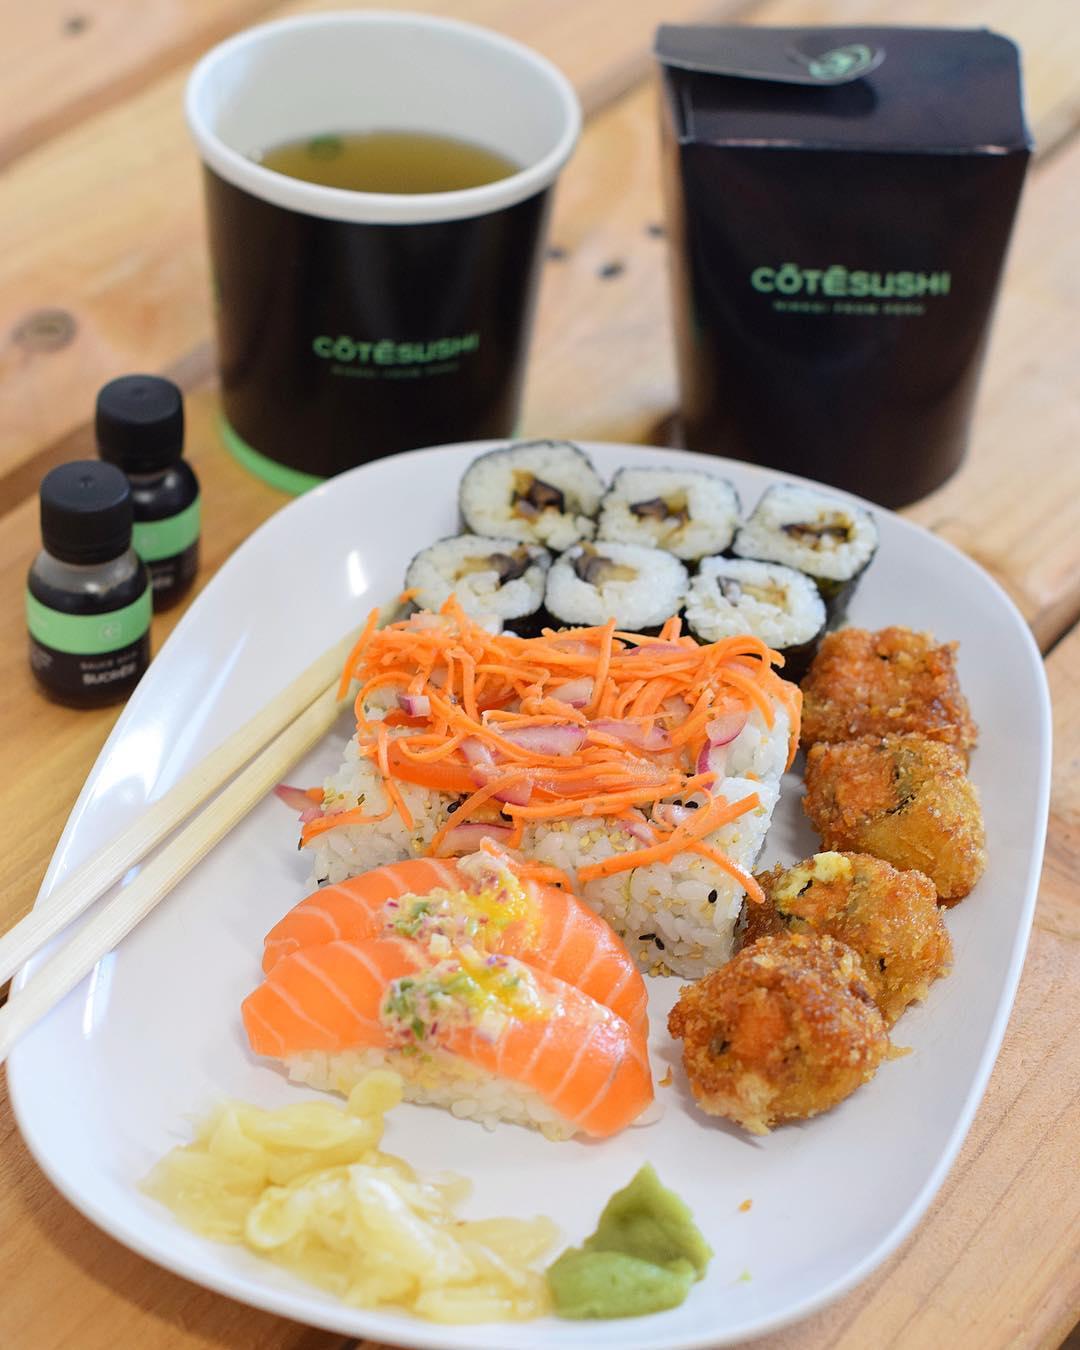 〰 PLAISIR SOLITAIRE 〰 . . ?? Avec ce temps, c'est un pur plaisir de remanger les soupes Miso. Merci @cotesushi_france de penser à moi ??? . . . ?-10% avec le code promo : PINTADE10 . ? offre valable partout en France ?? . . ➕ COTE SUSHI •  Restaurant • Spécialités japonaises ET péruviennes ???? . ??? Article sur le blog  _____________________ #cotesushi #sushi #japanfood #peruvianfood #blogfood #foodblog #pintademontpellier #montpellier #instafood #foodlover #soup #miso #ceviche #maki #california #nikkei #nikkeifromperu #salmon #cotesushimontpellier #nikkeifood #codepromo #nikkeiisthenewfood